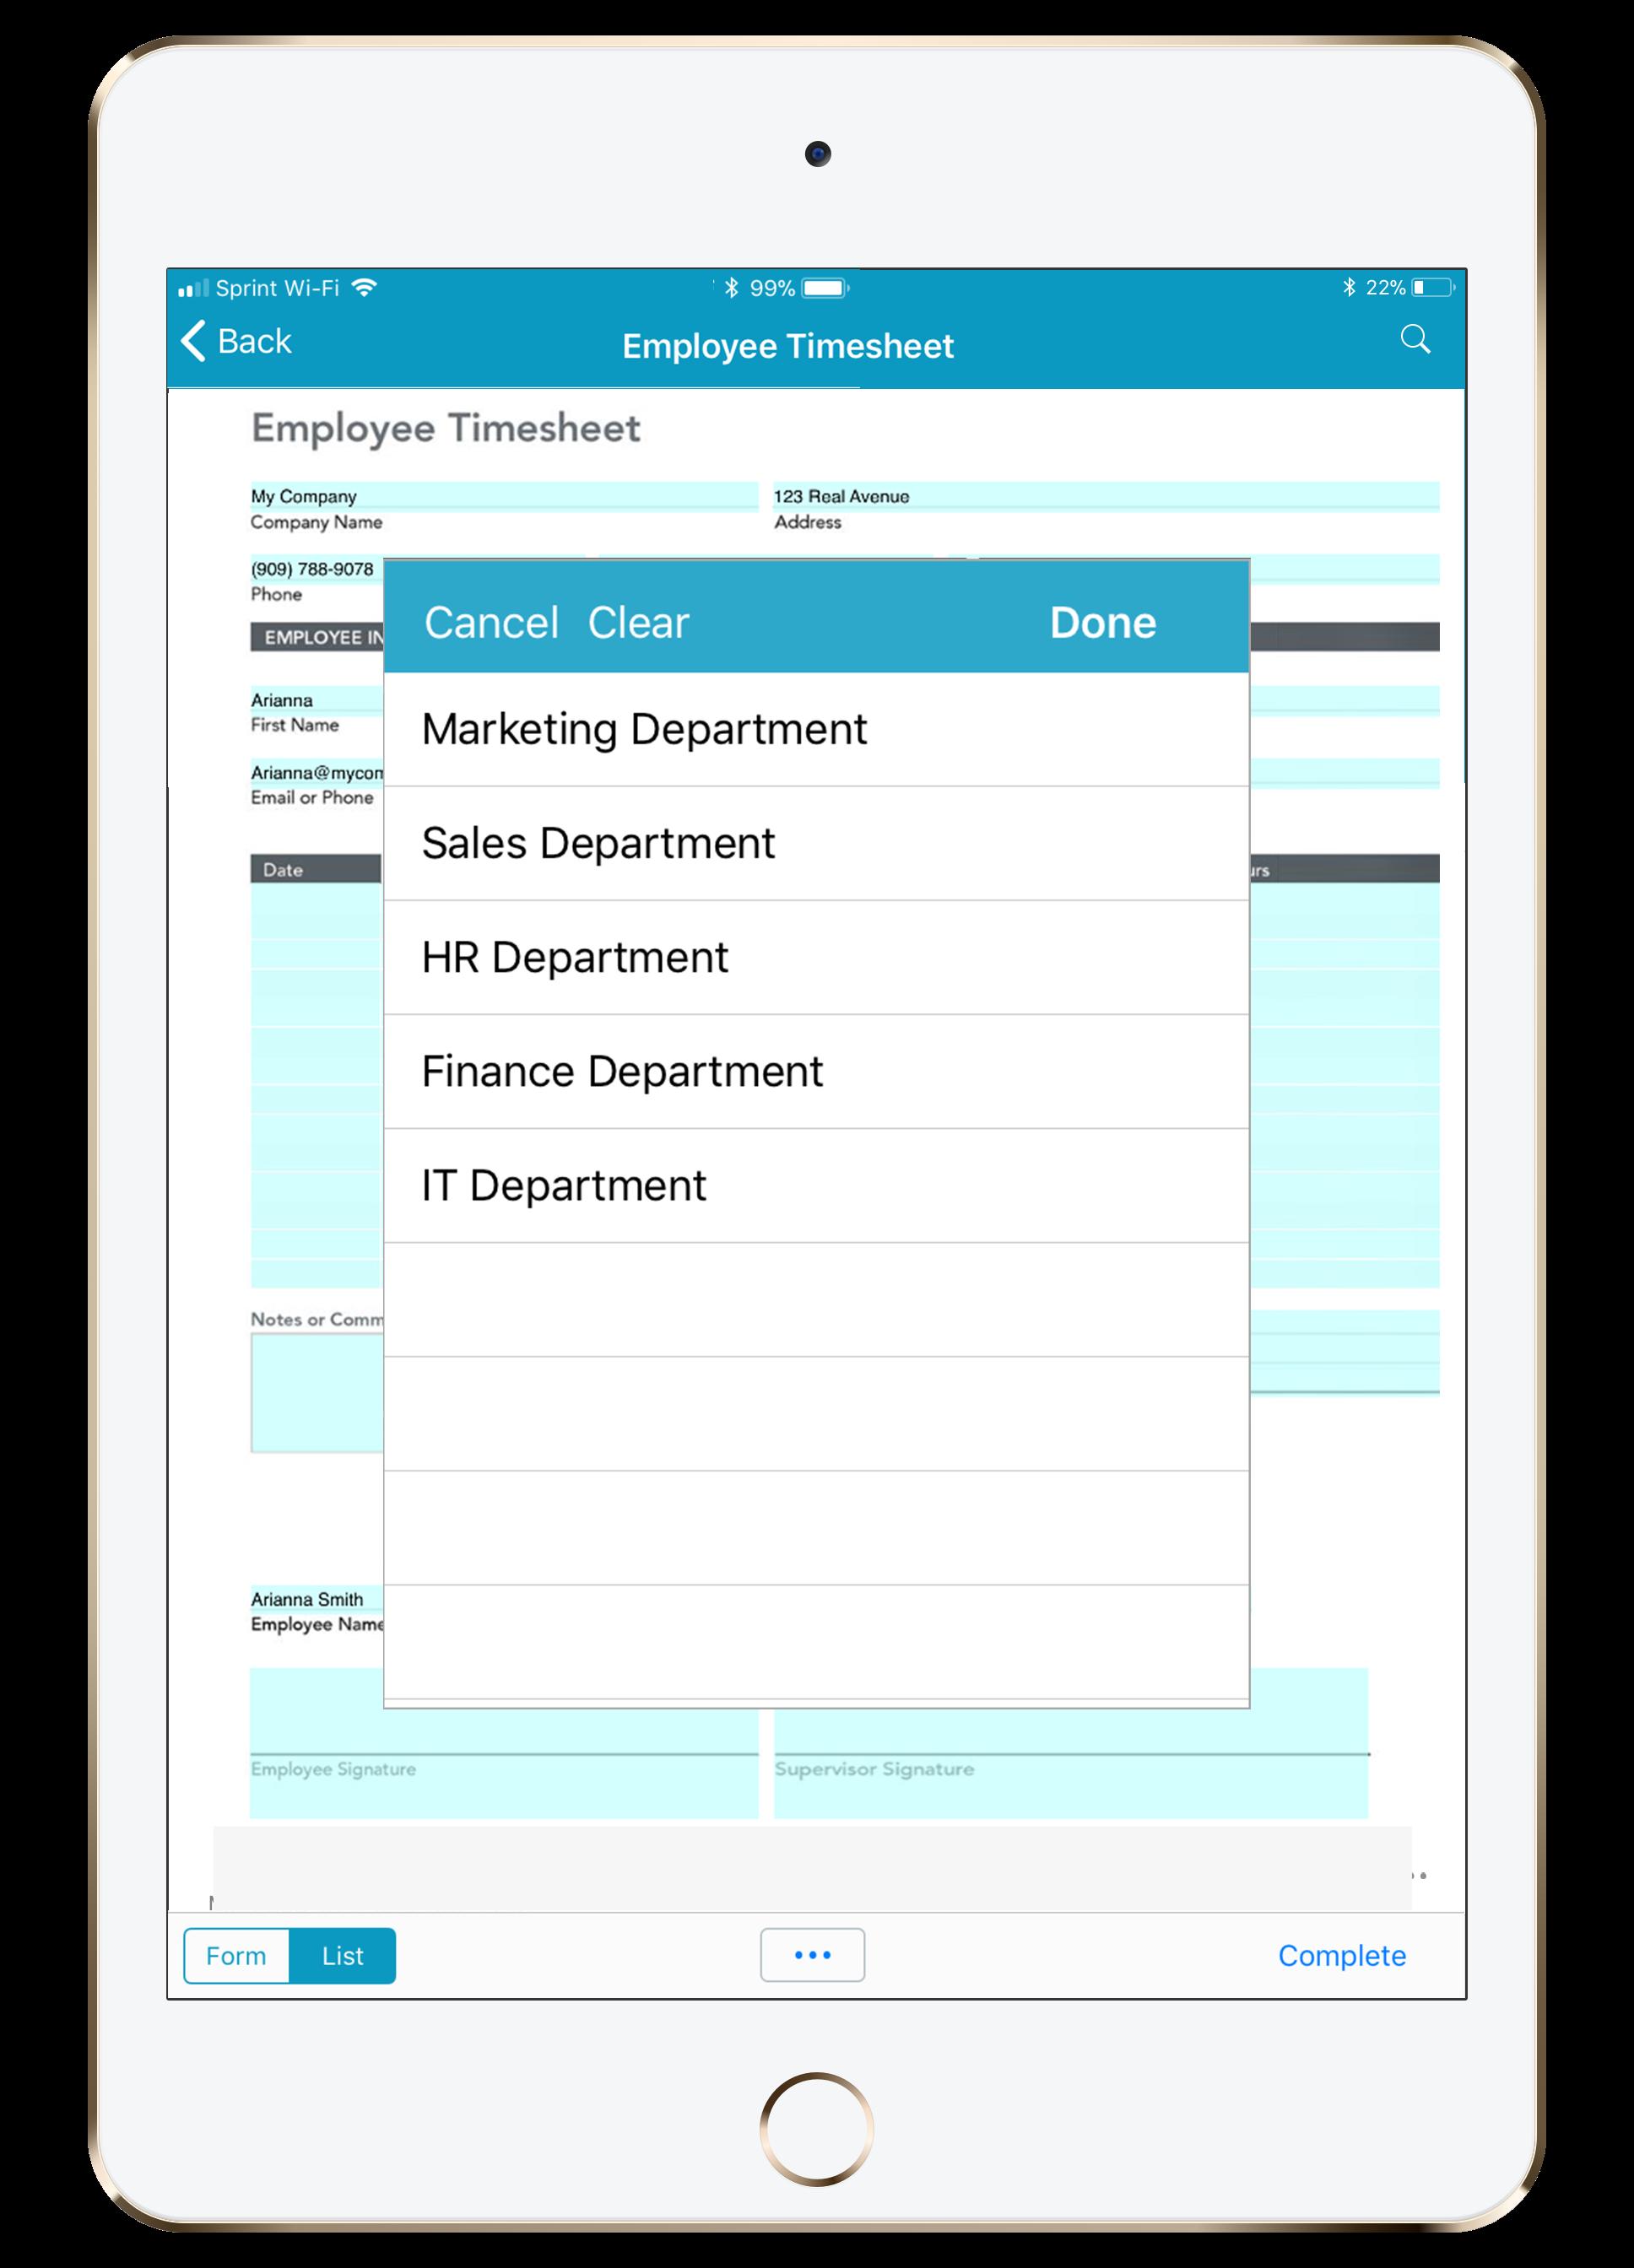 Employee Timesheet on iPad